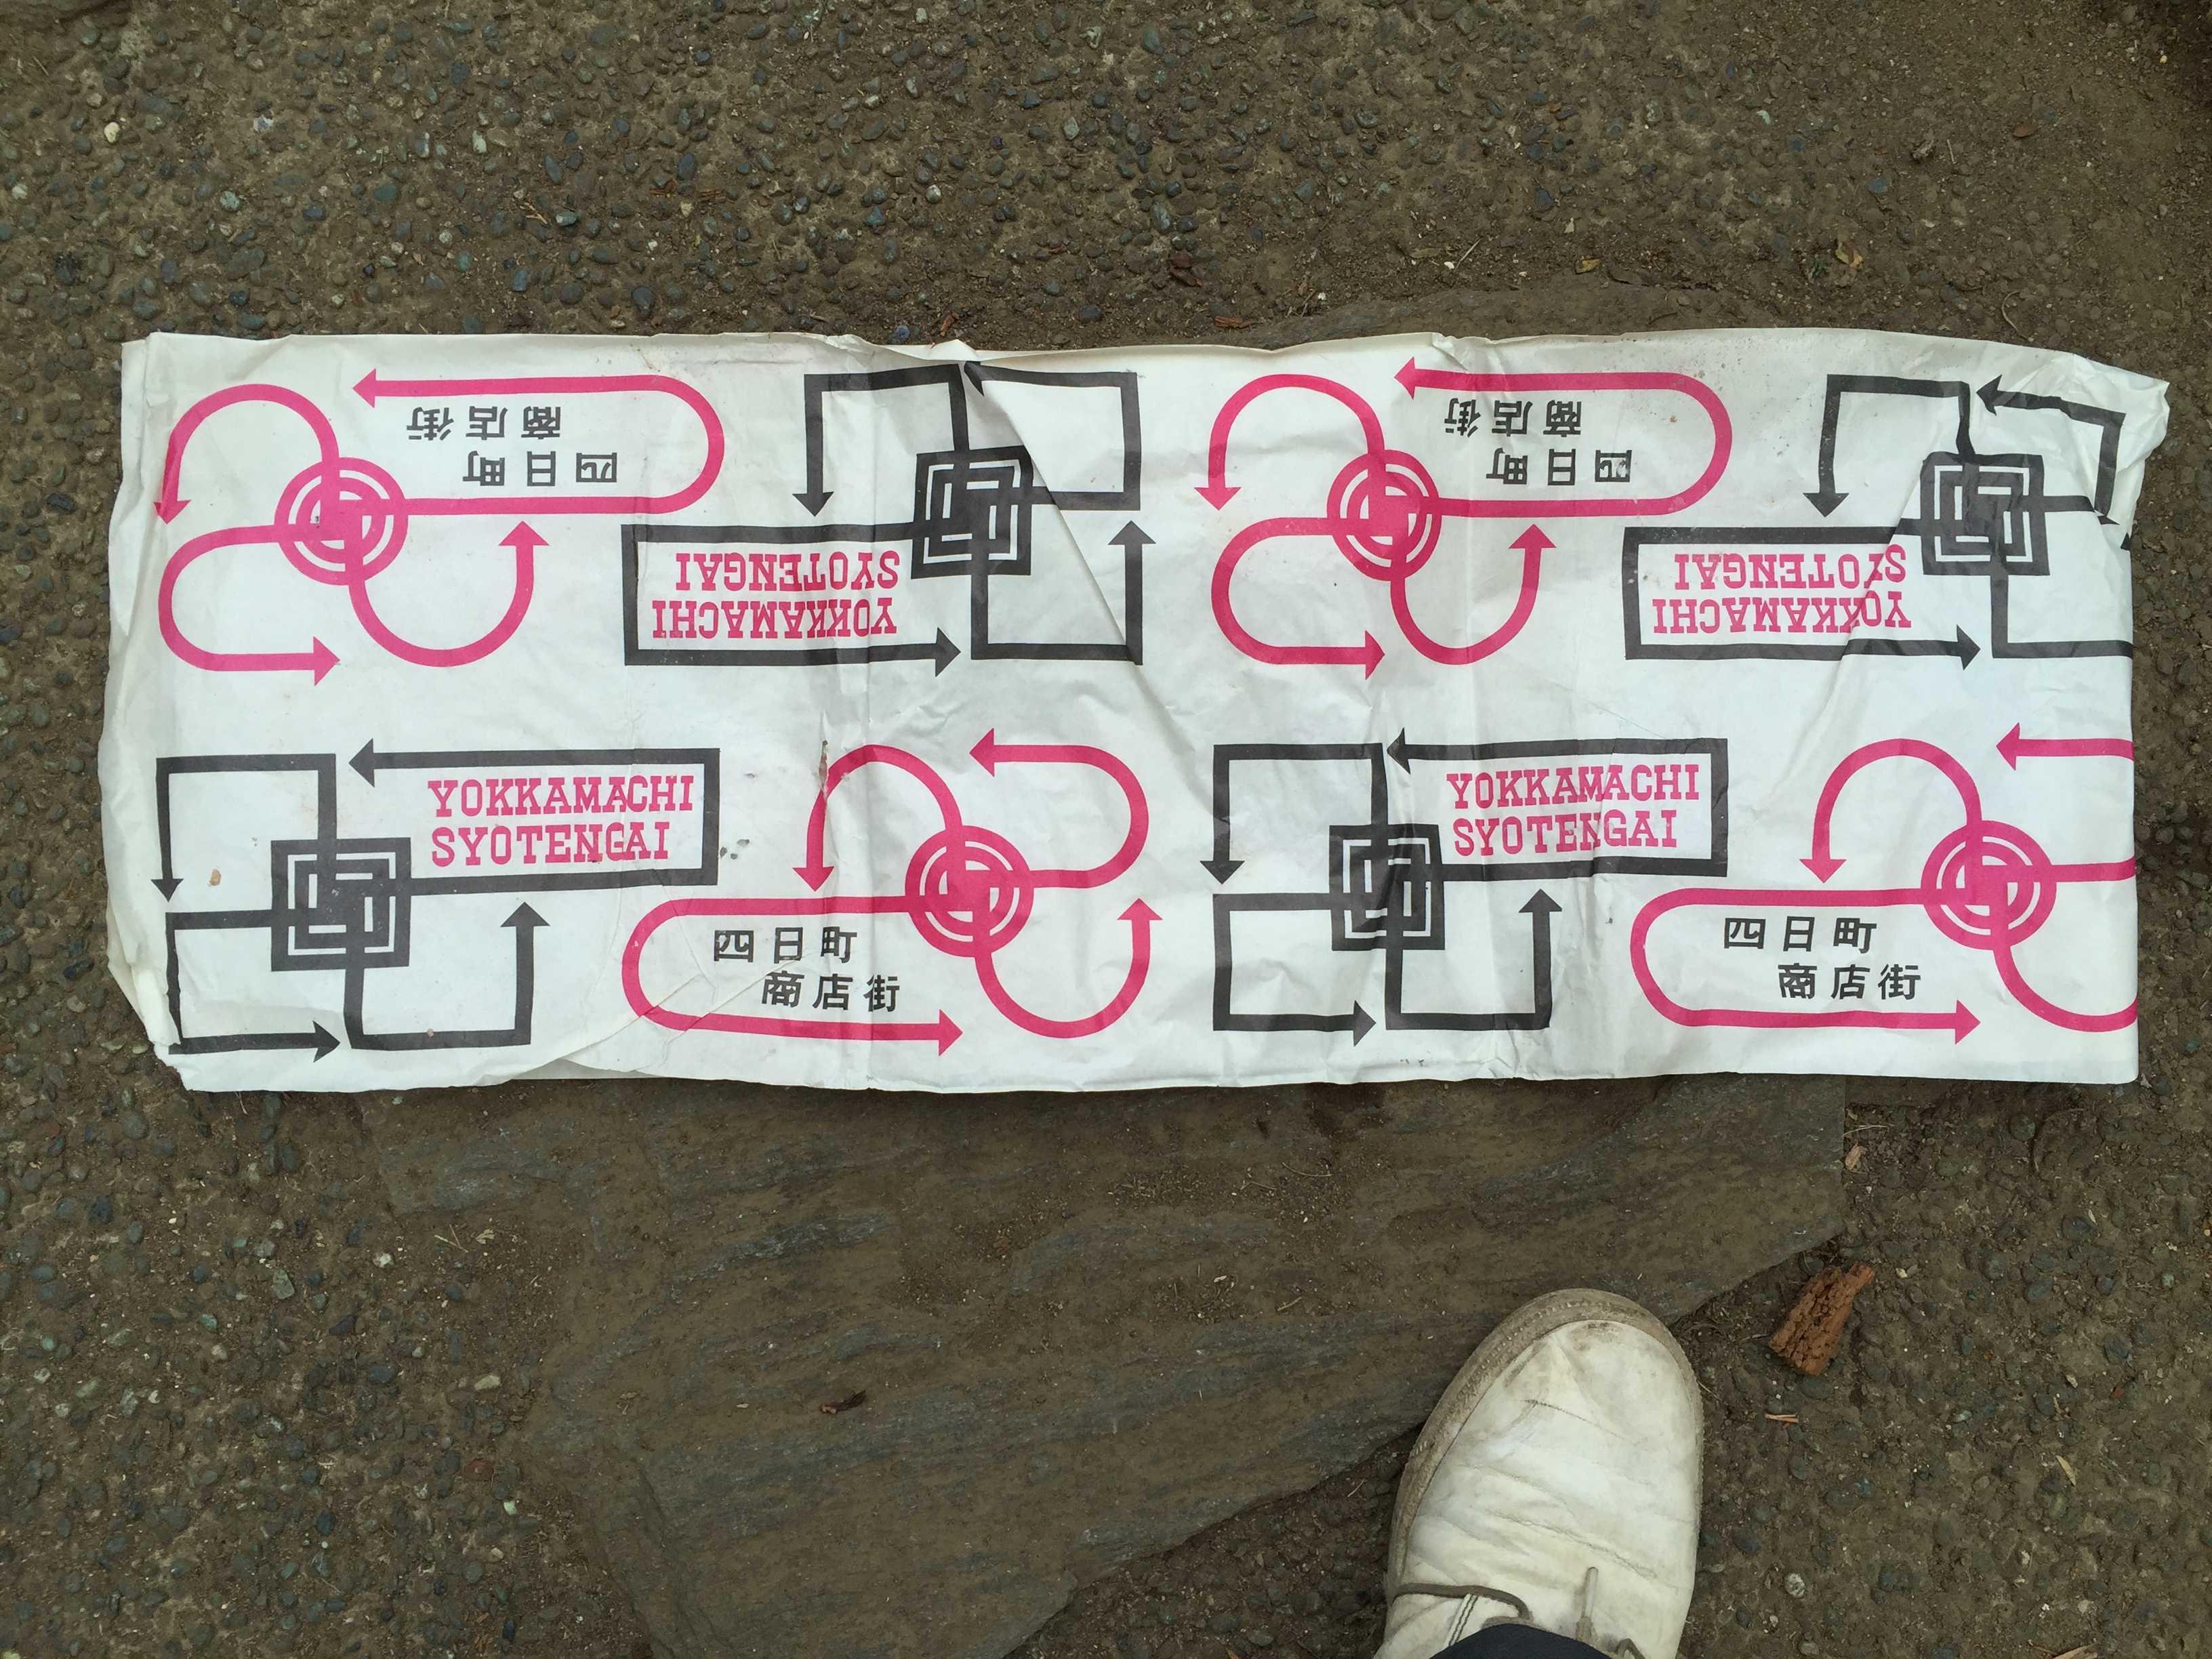 四日町商店街の包み紙(包装紙)